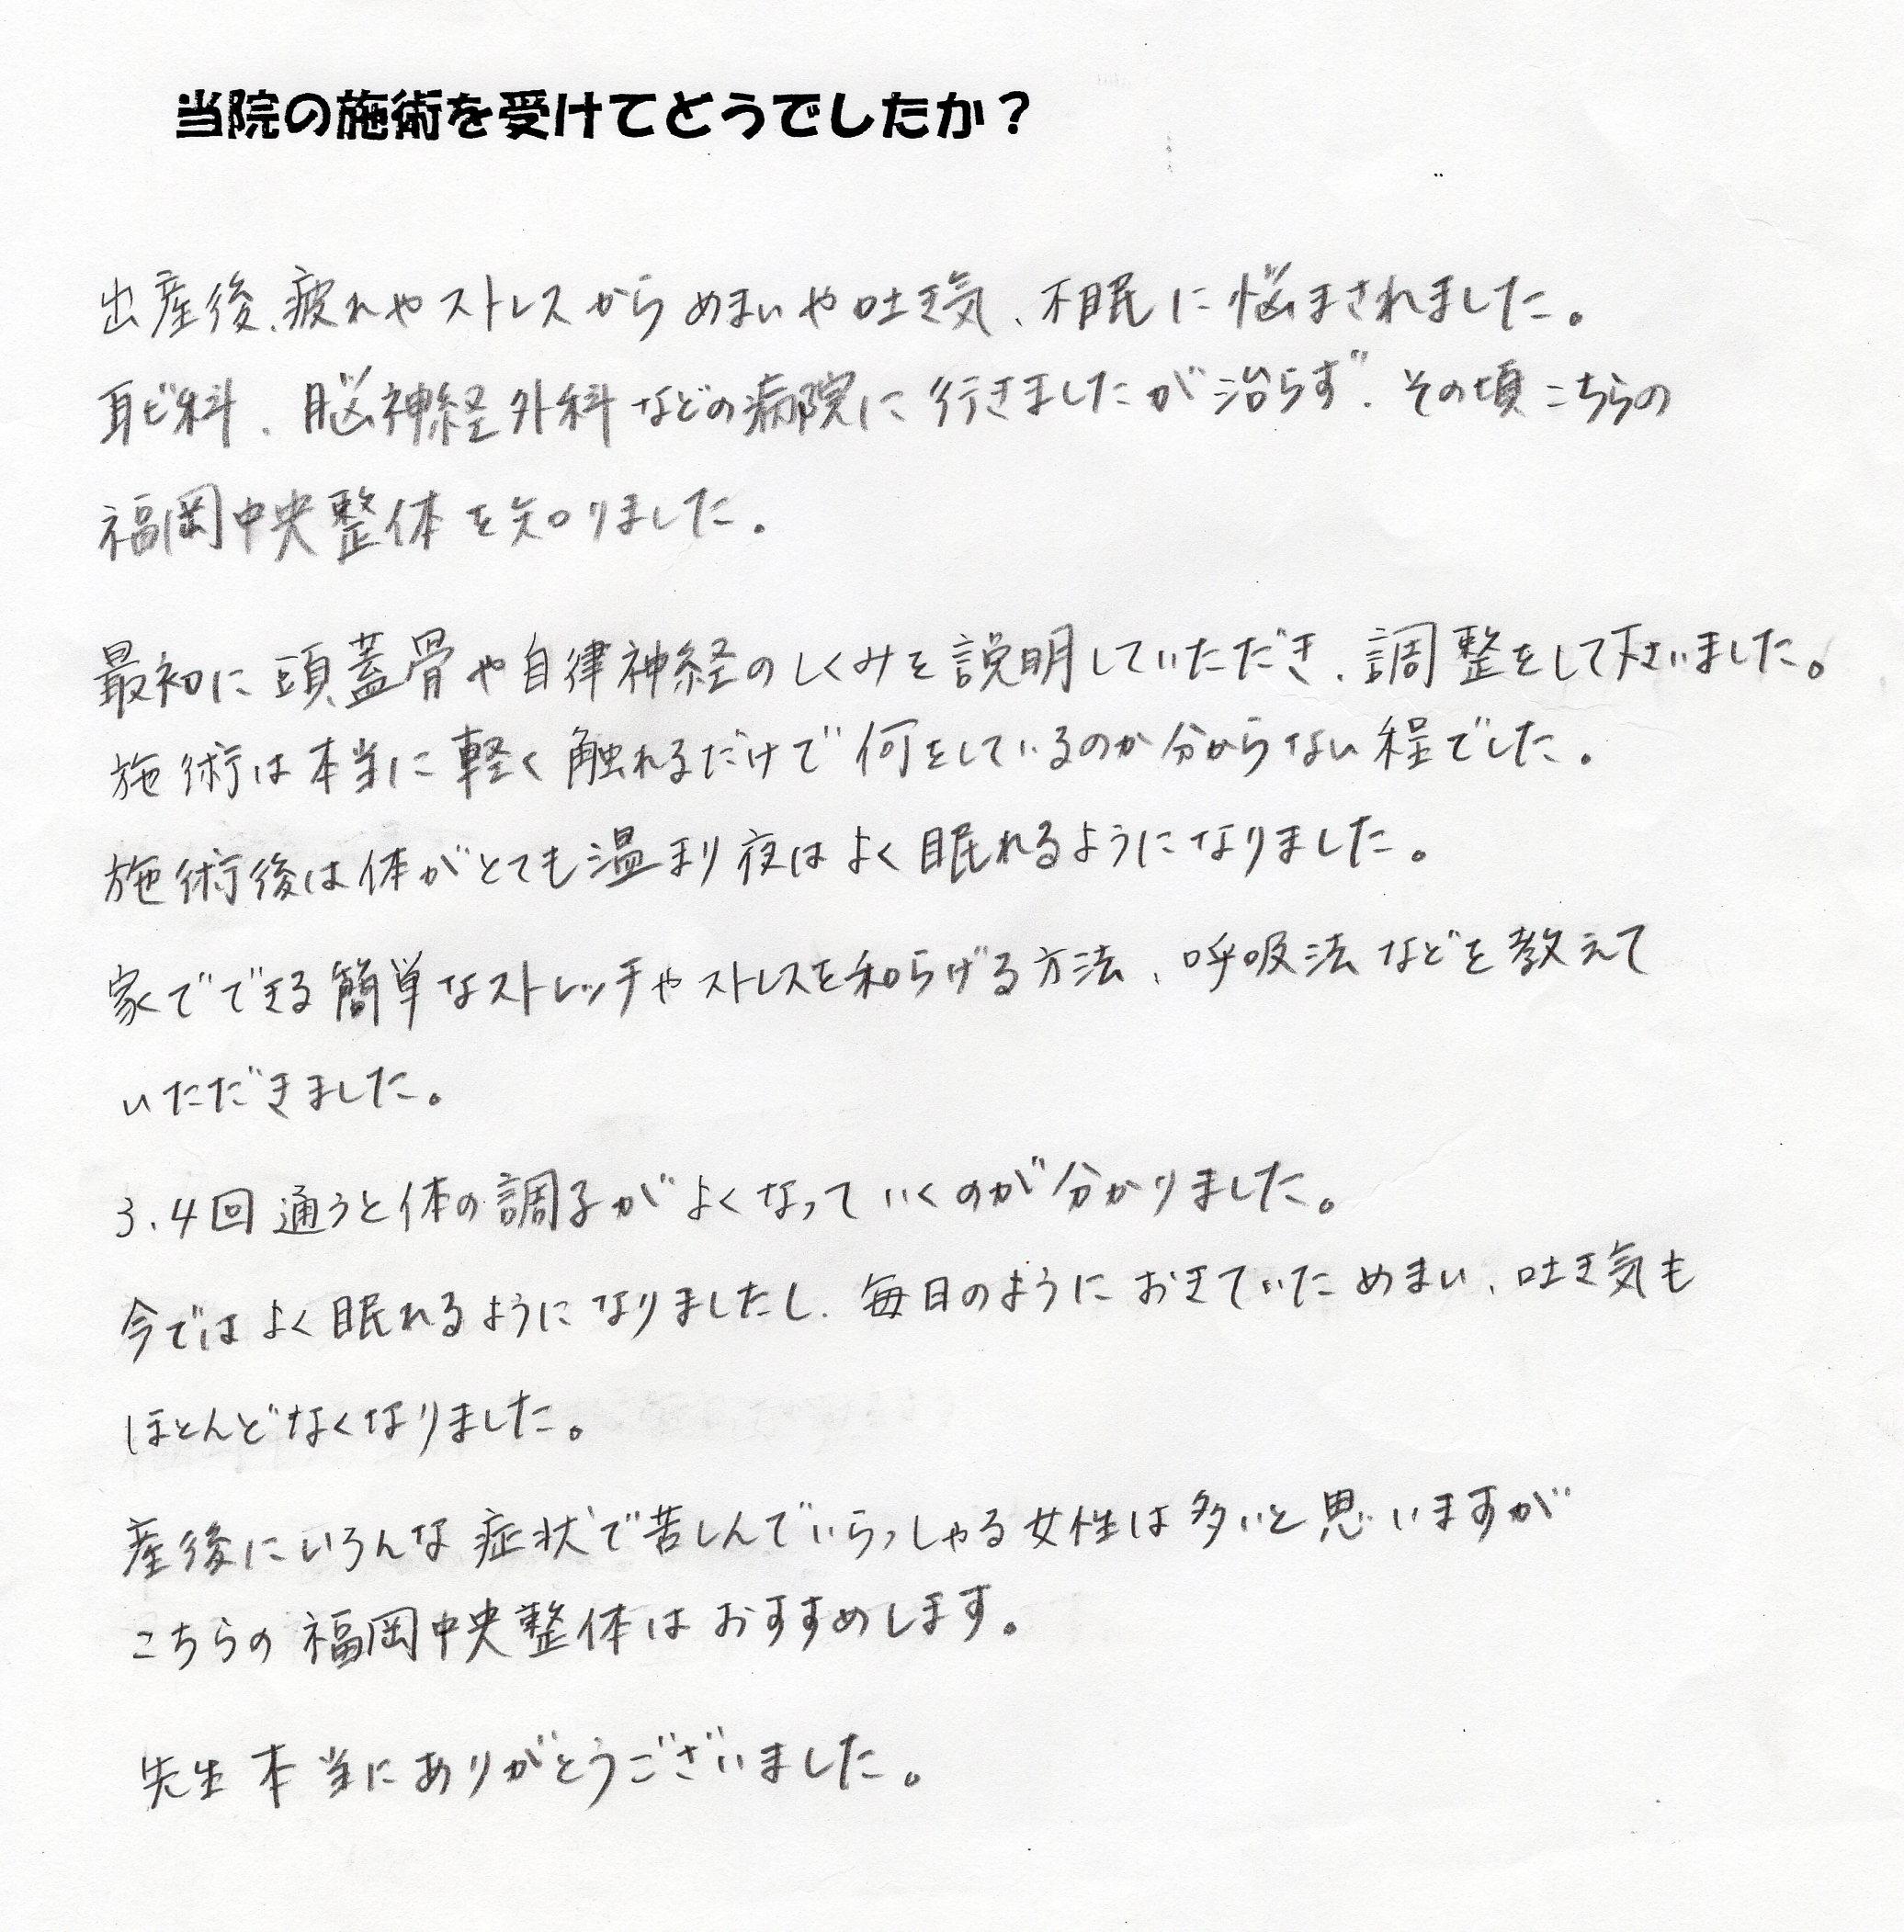 耳鳴り、ふらつき、めまい、メニエール病で評判おすすめな福岡腰痛整体。